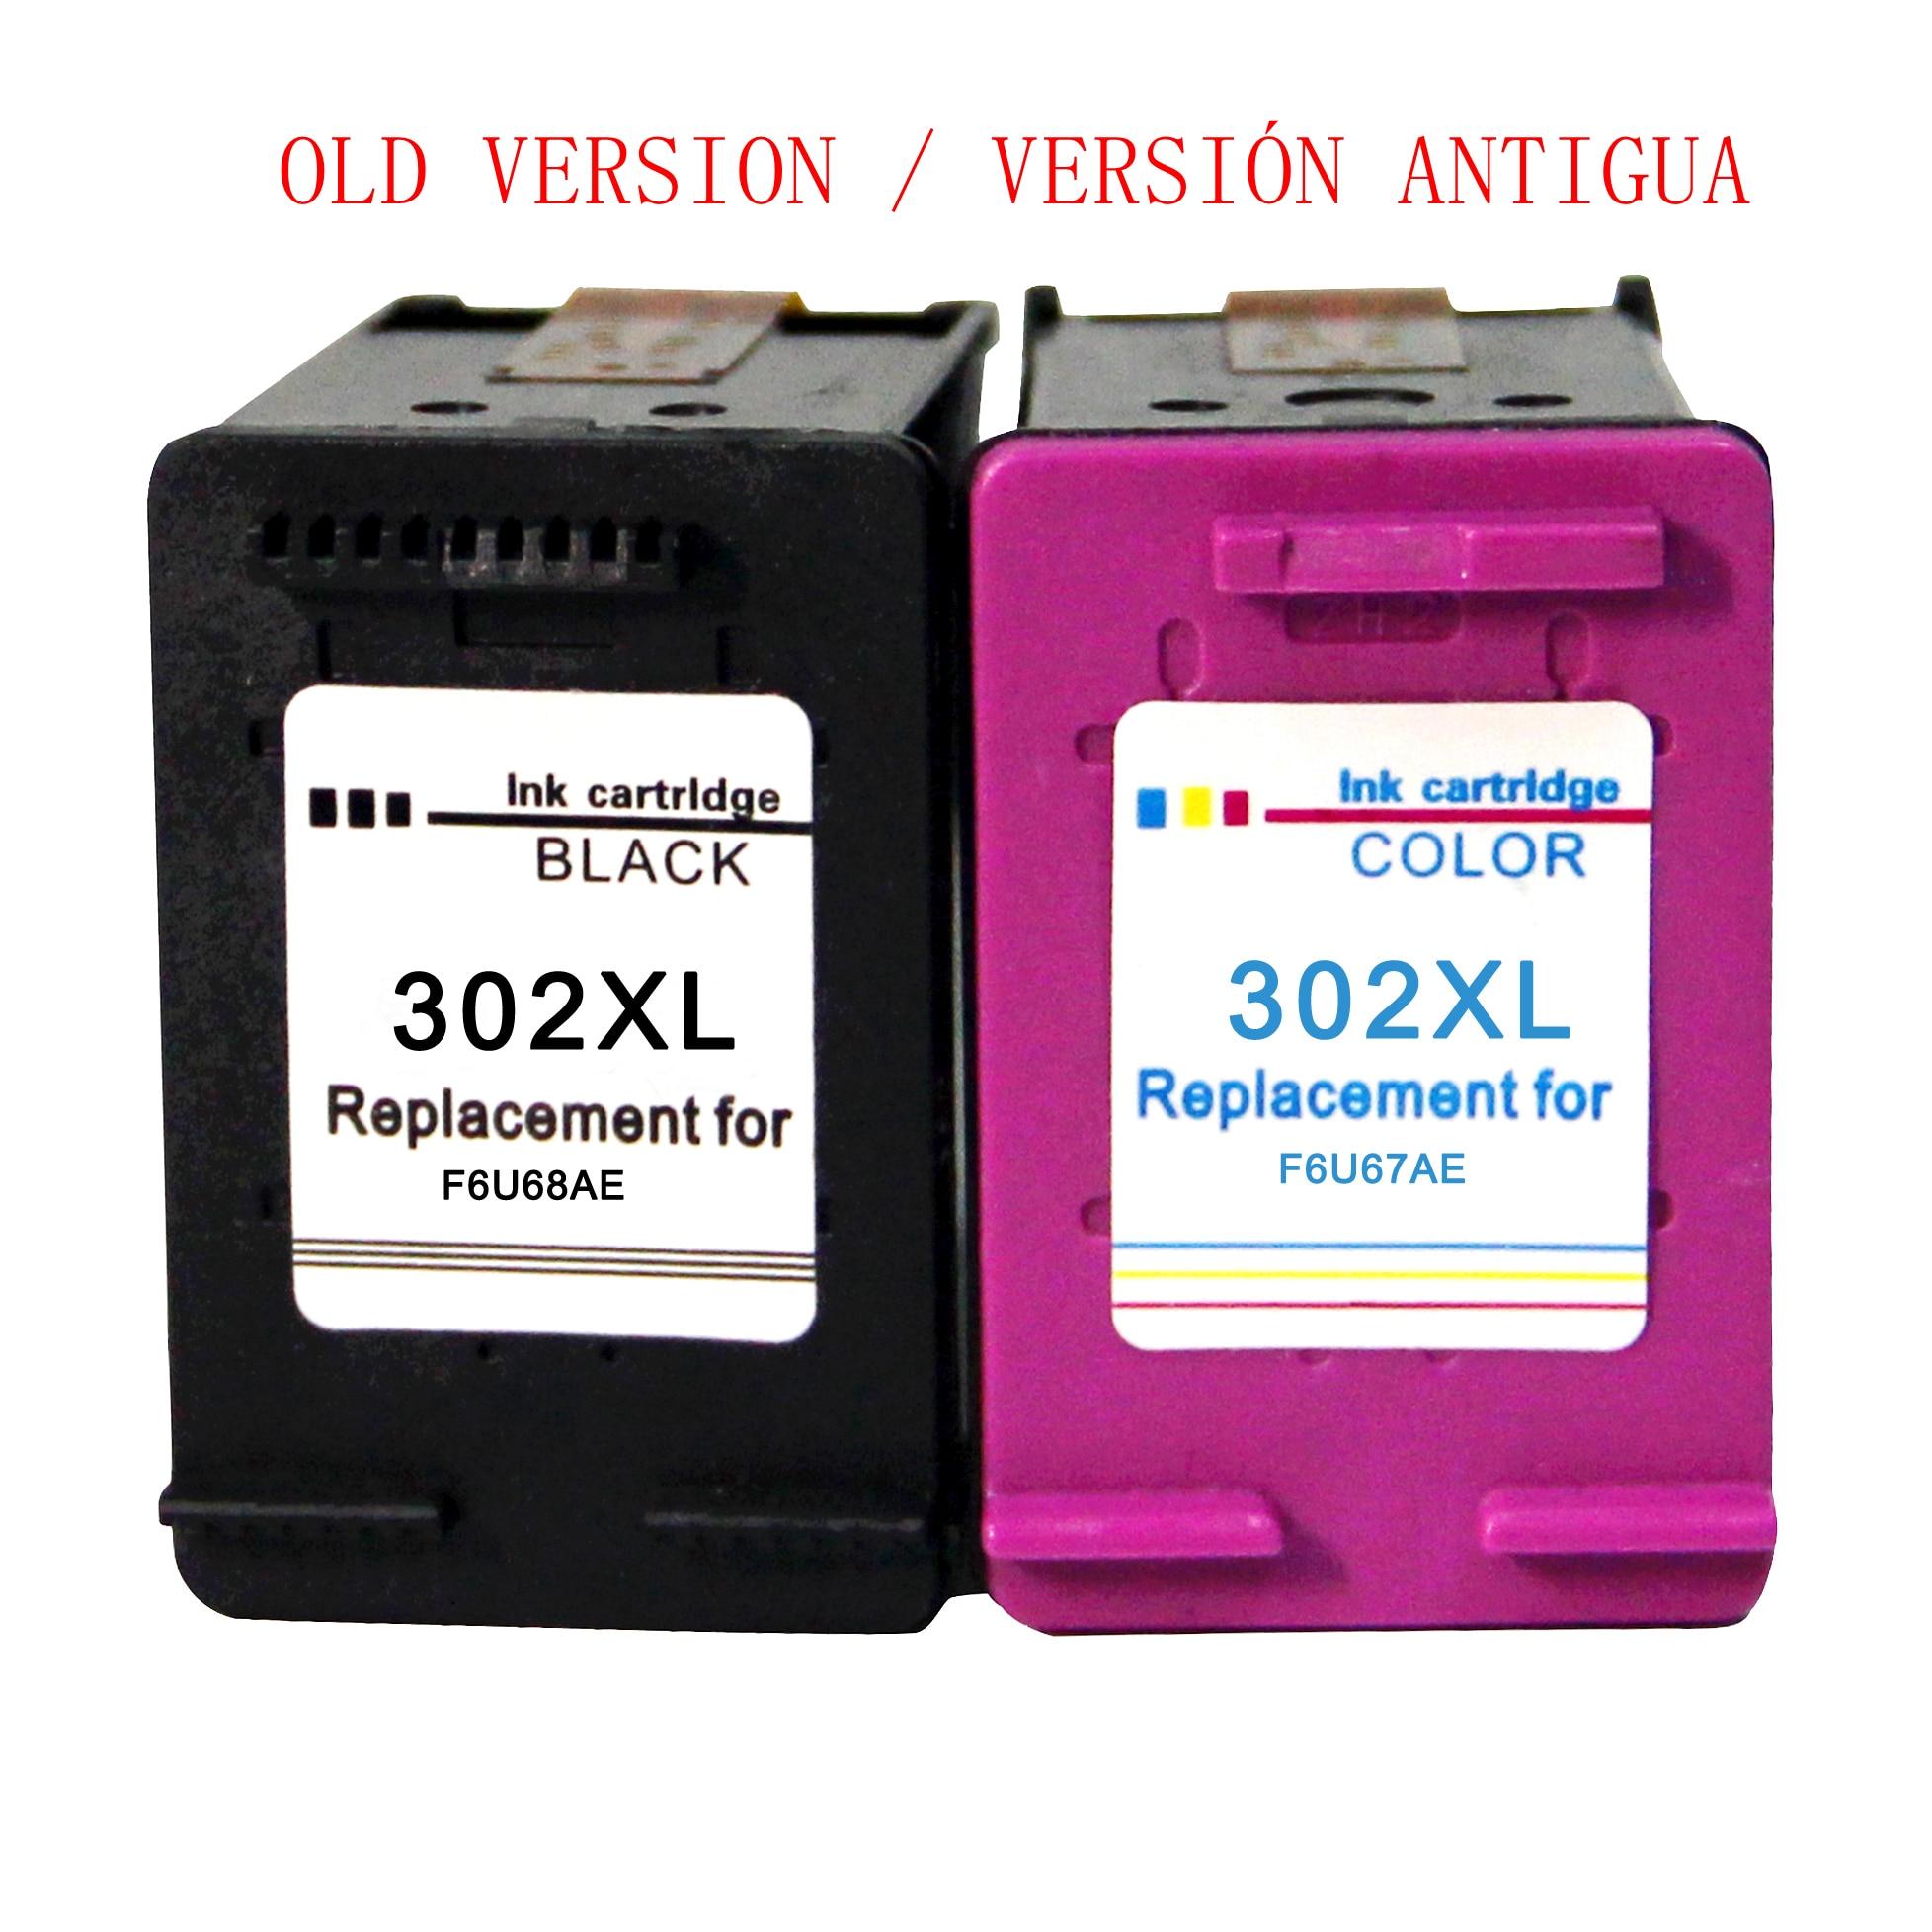 remanufactured-hp-302-xl-ink-cartridges-for-hp-officejet-3831-3833-deskjet-1110-2130-3630-3639-3633-3636-envy-4520-4524